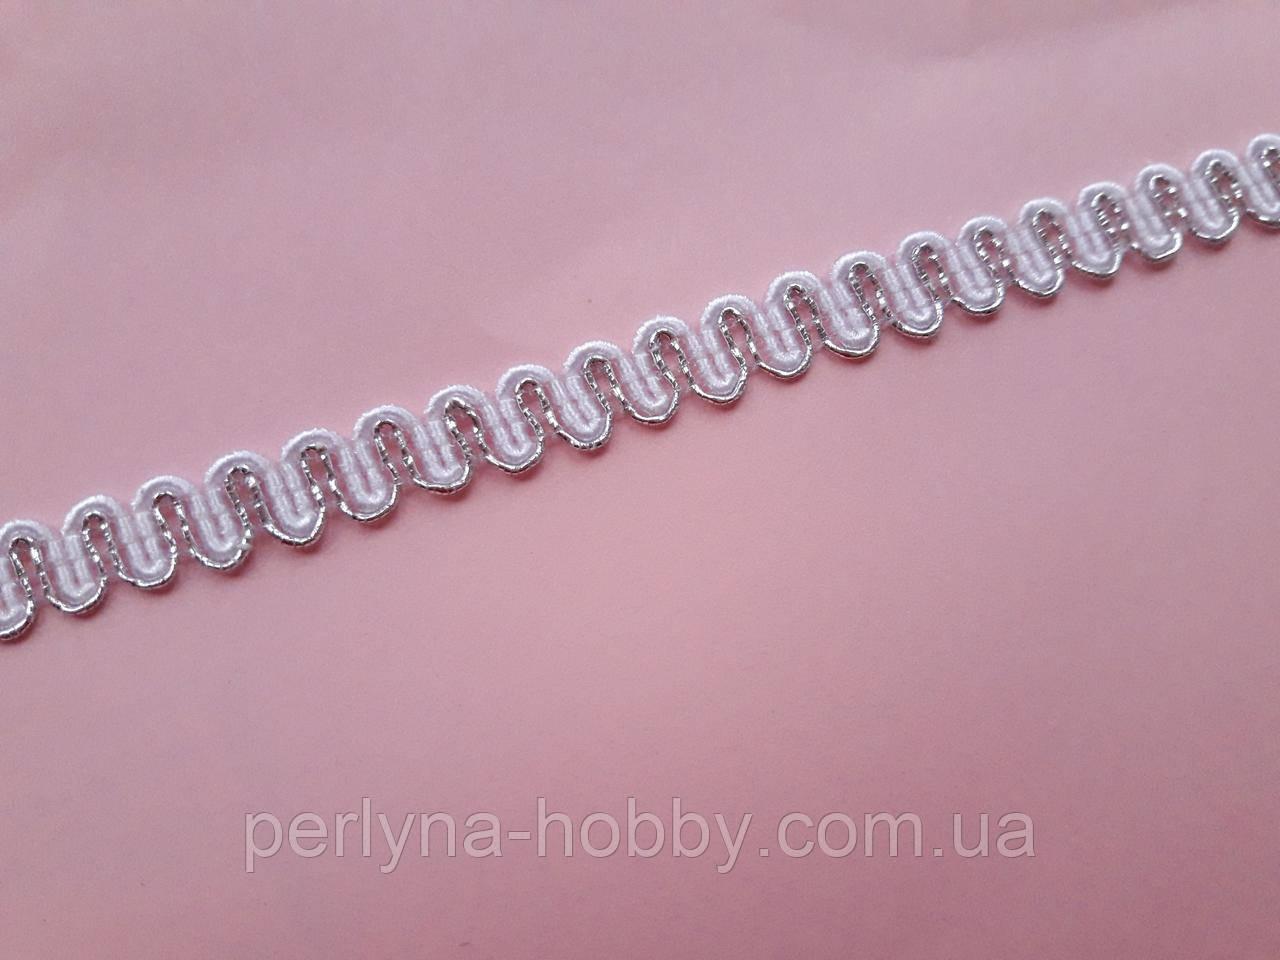 Тесьма декоративная Тасьма  декоративна вузька 6мм, люрекс срібло з білим